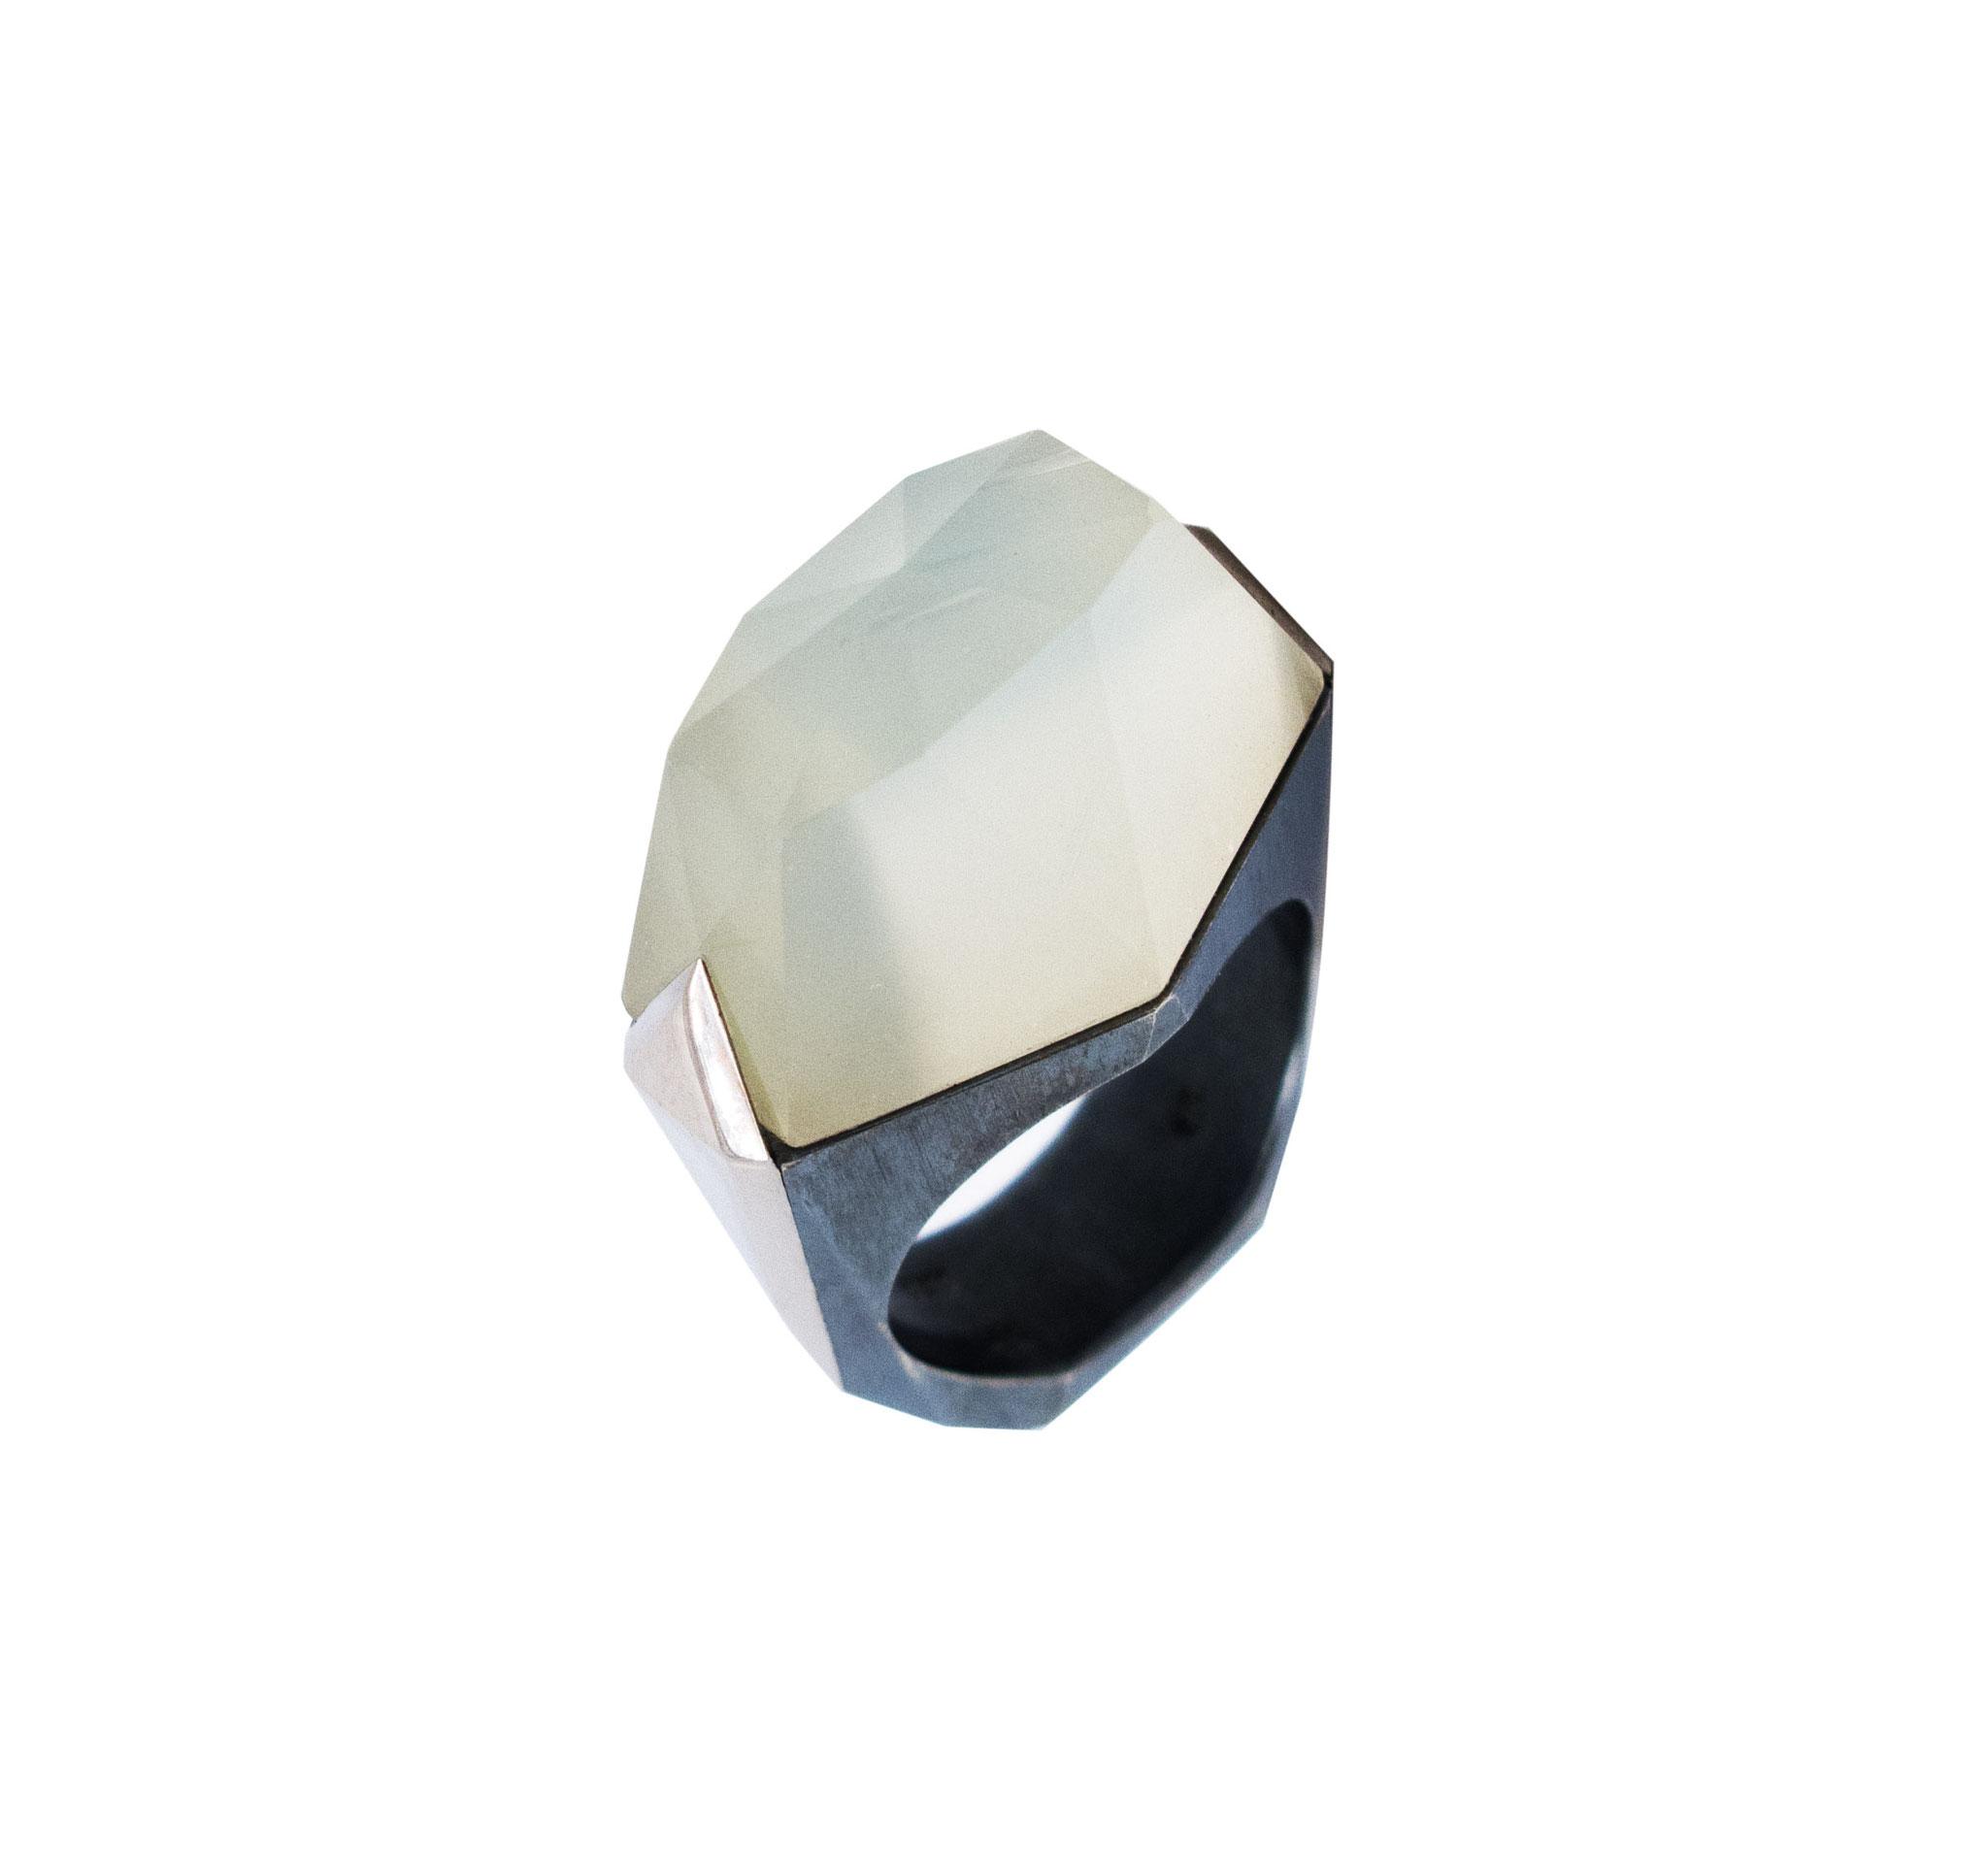 Ringe aus 925 Sterlingsilber und 18 karat Weißgold, Mondstein, 2.200 Euro